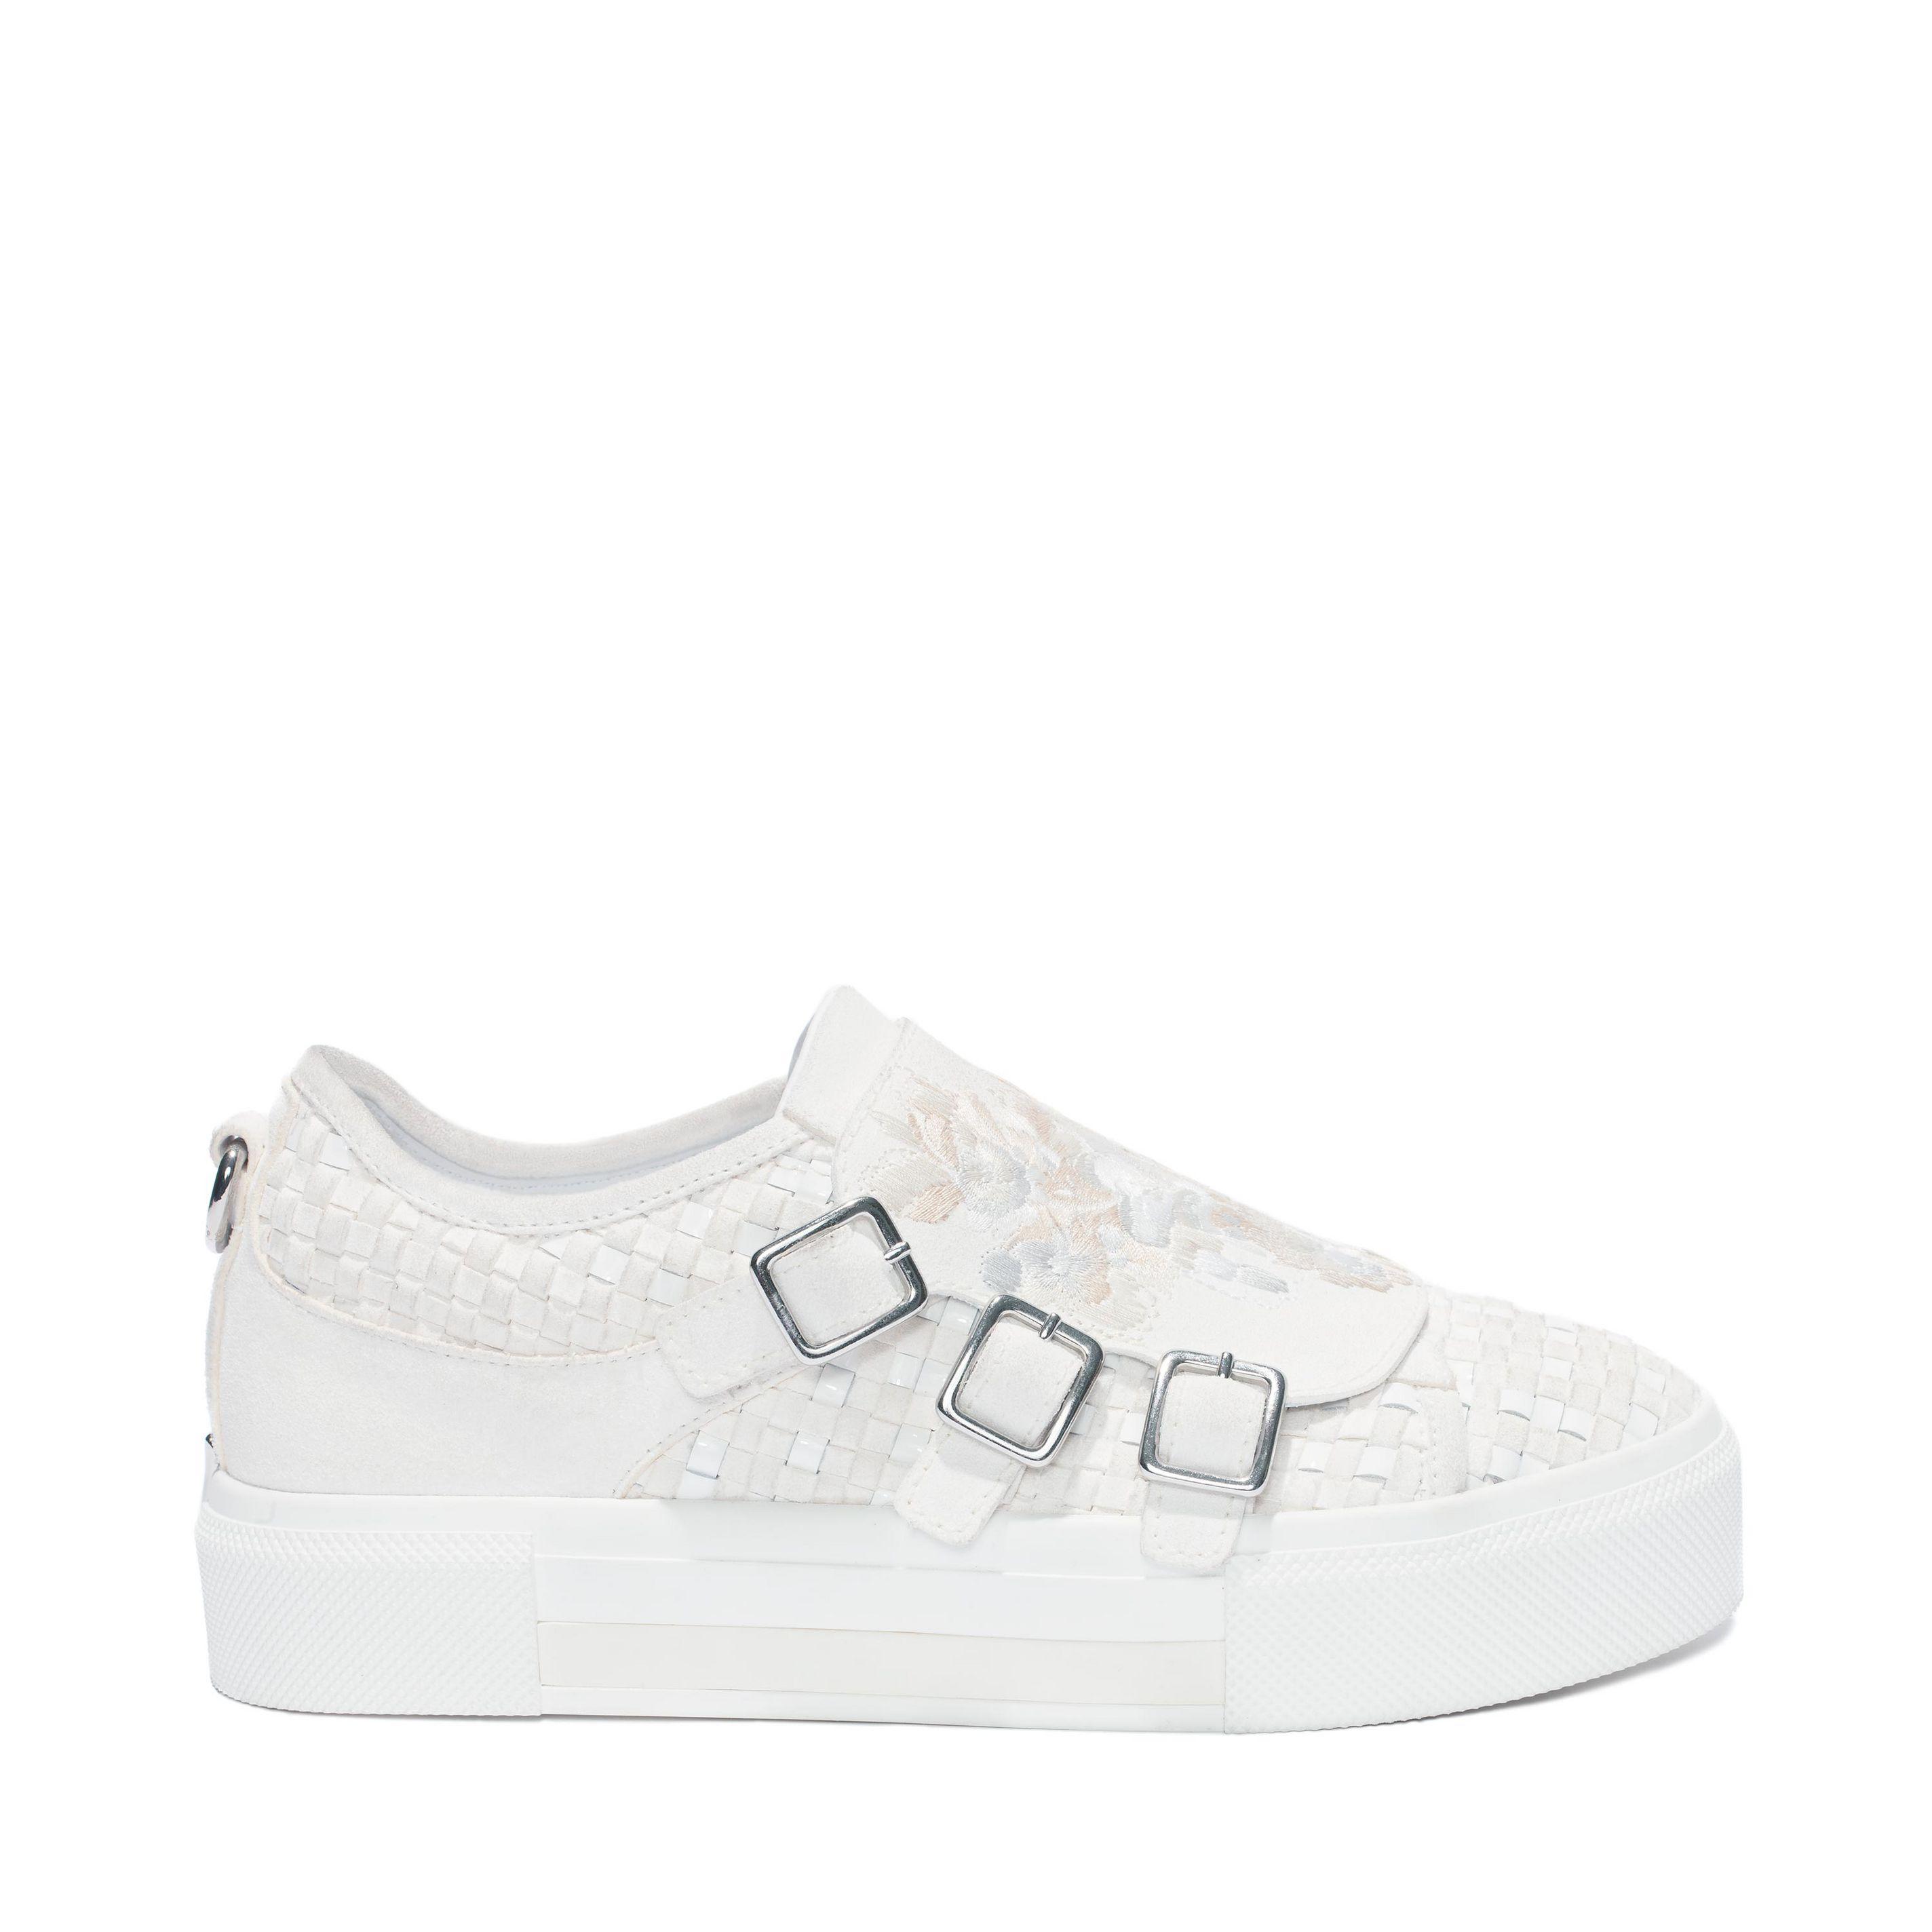 cc4740bdca Women Sneakers - Women Shoes on ALEXANDER MCQUEEN ...